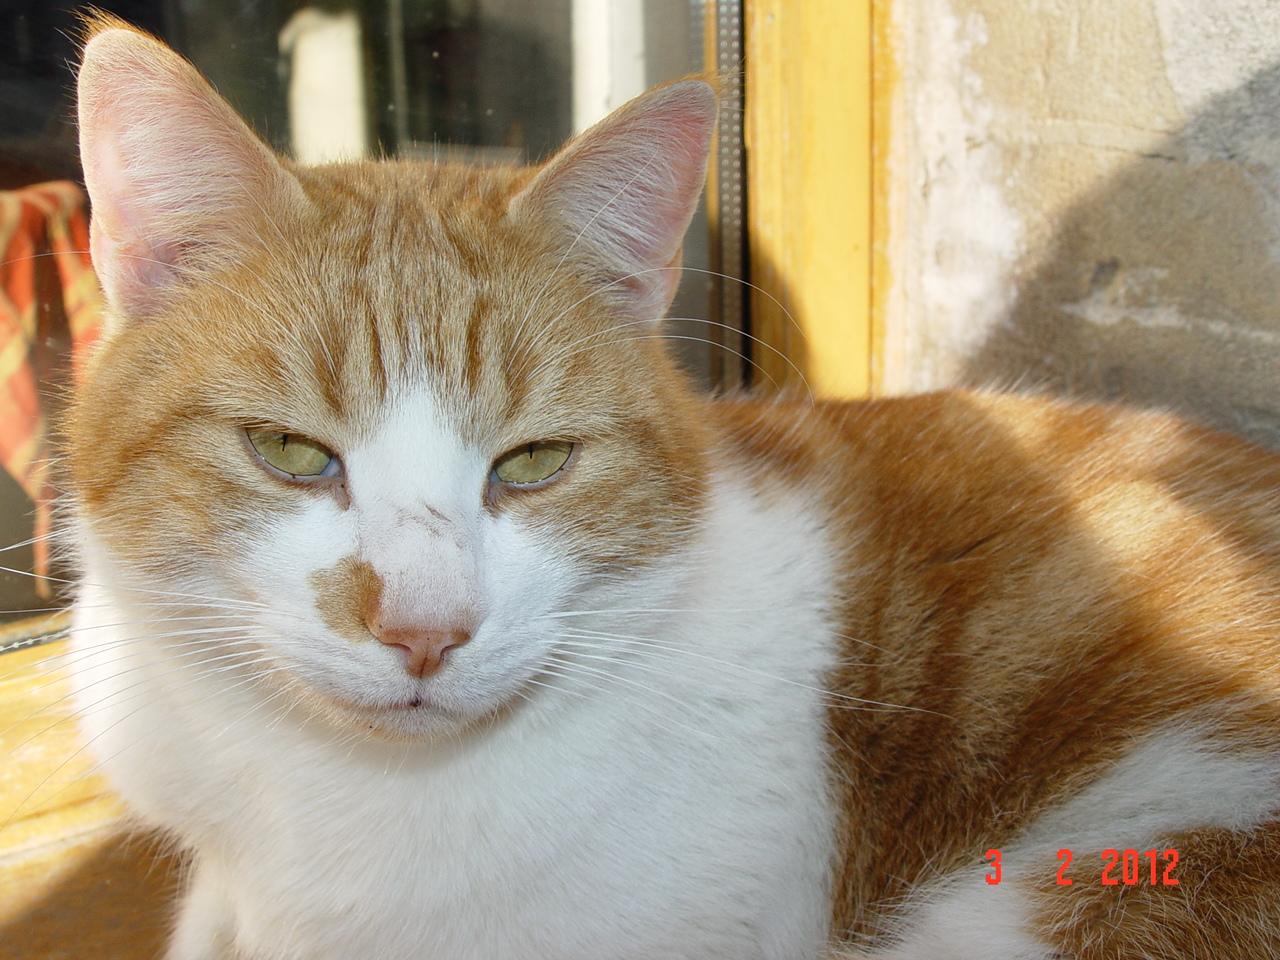 louviers chat sites Vous achetez 1 seul sachet et non pas tout ce qui est présent sur la photo - 1 chienou un chat (les objets neufs devront êtres encore emballés) ) 14,50 eur.